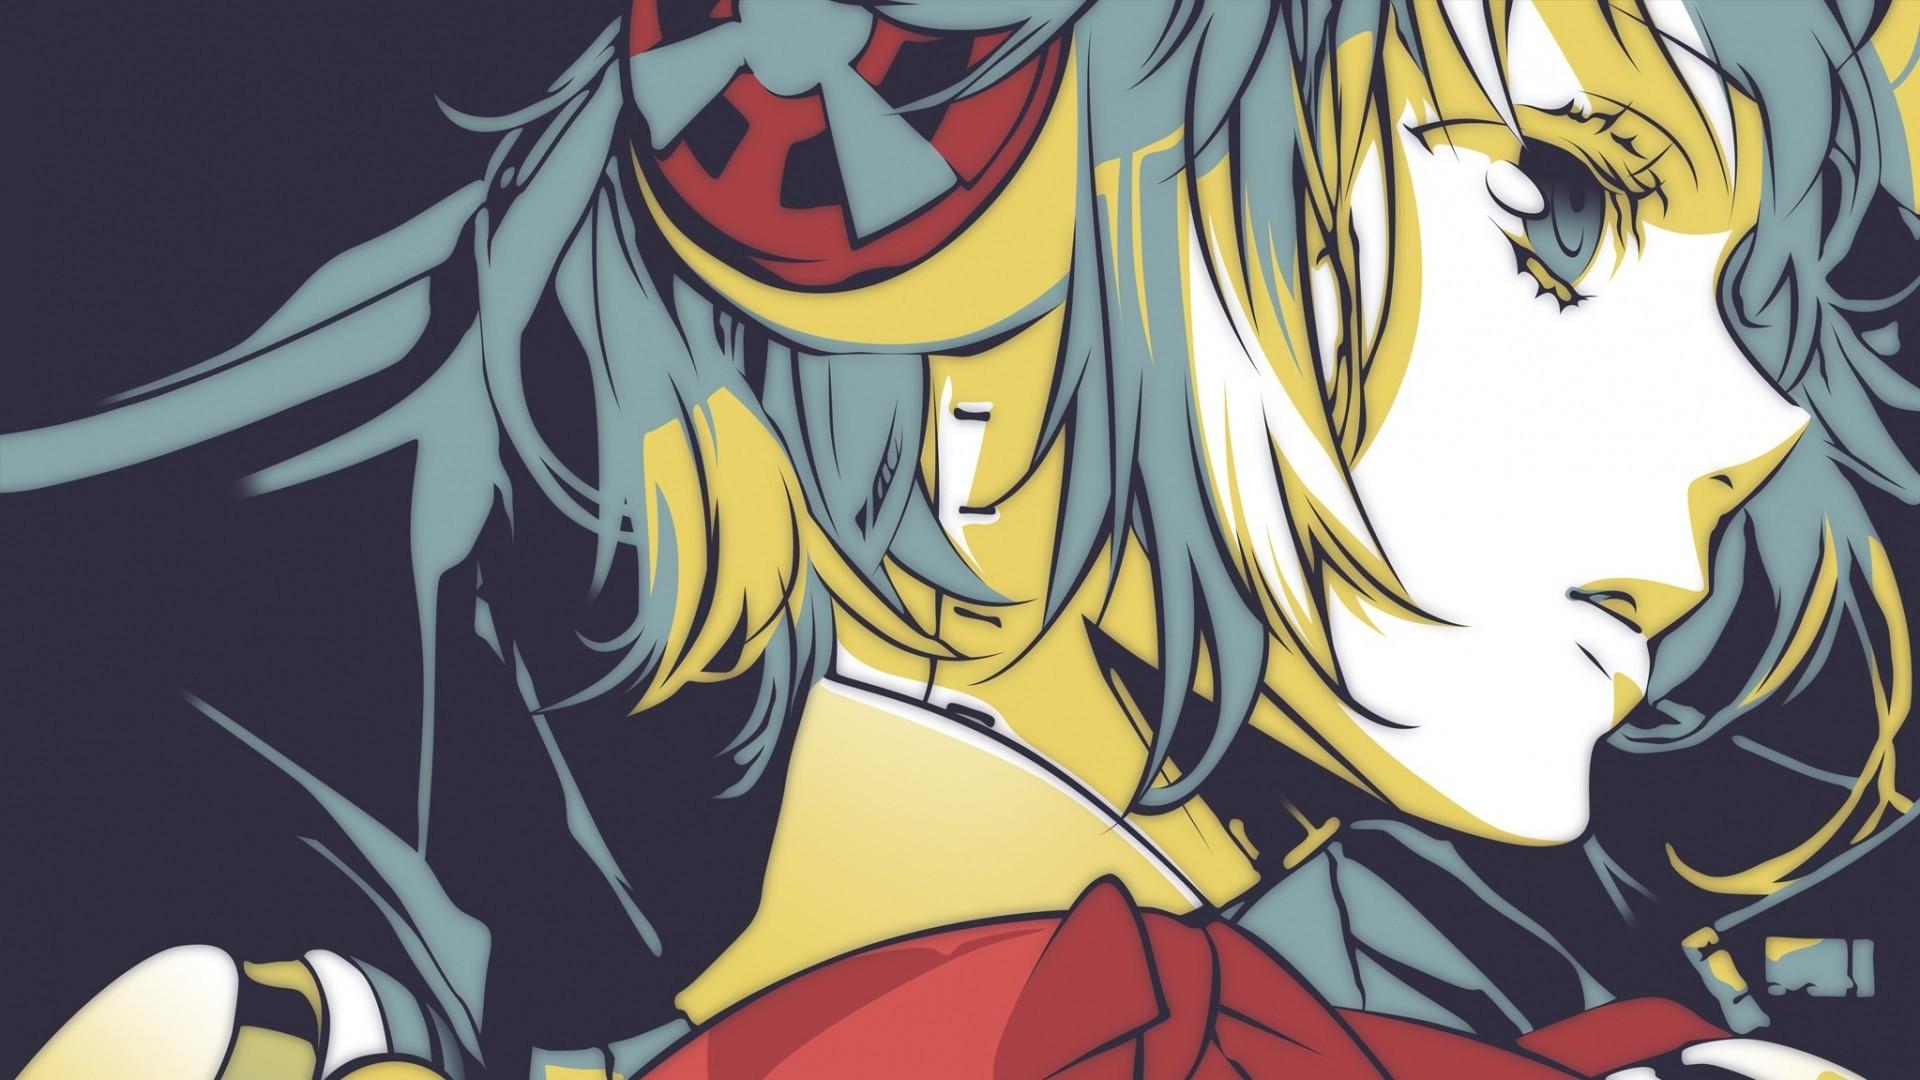 Fondos De Pantalla Ilustración Videojuegos Anime Chicas